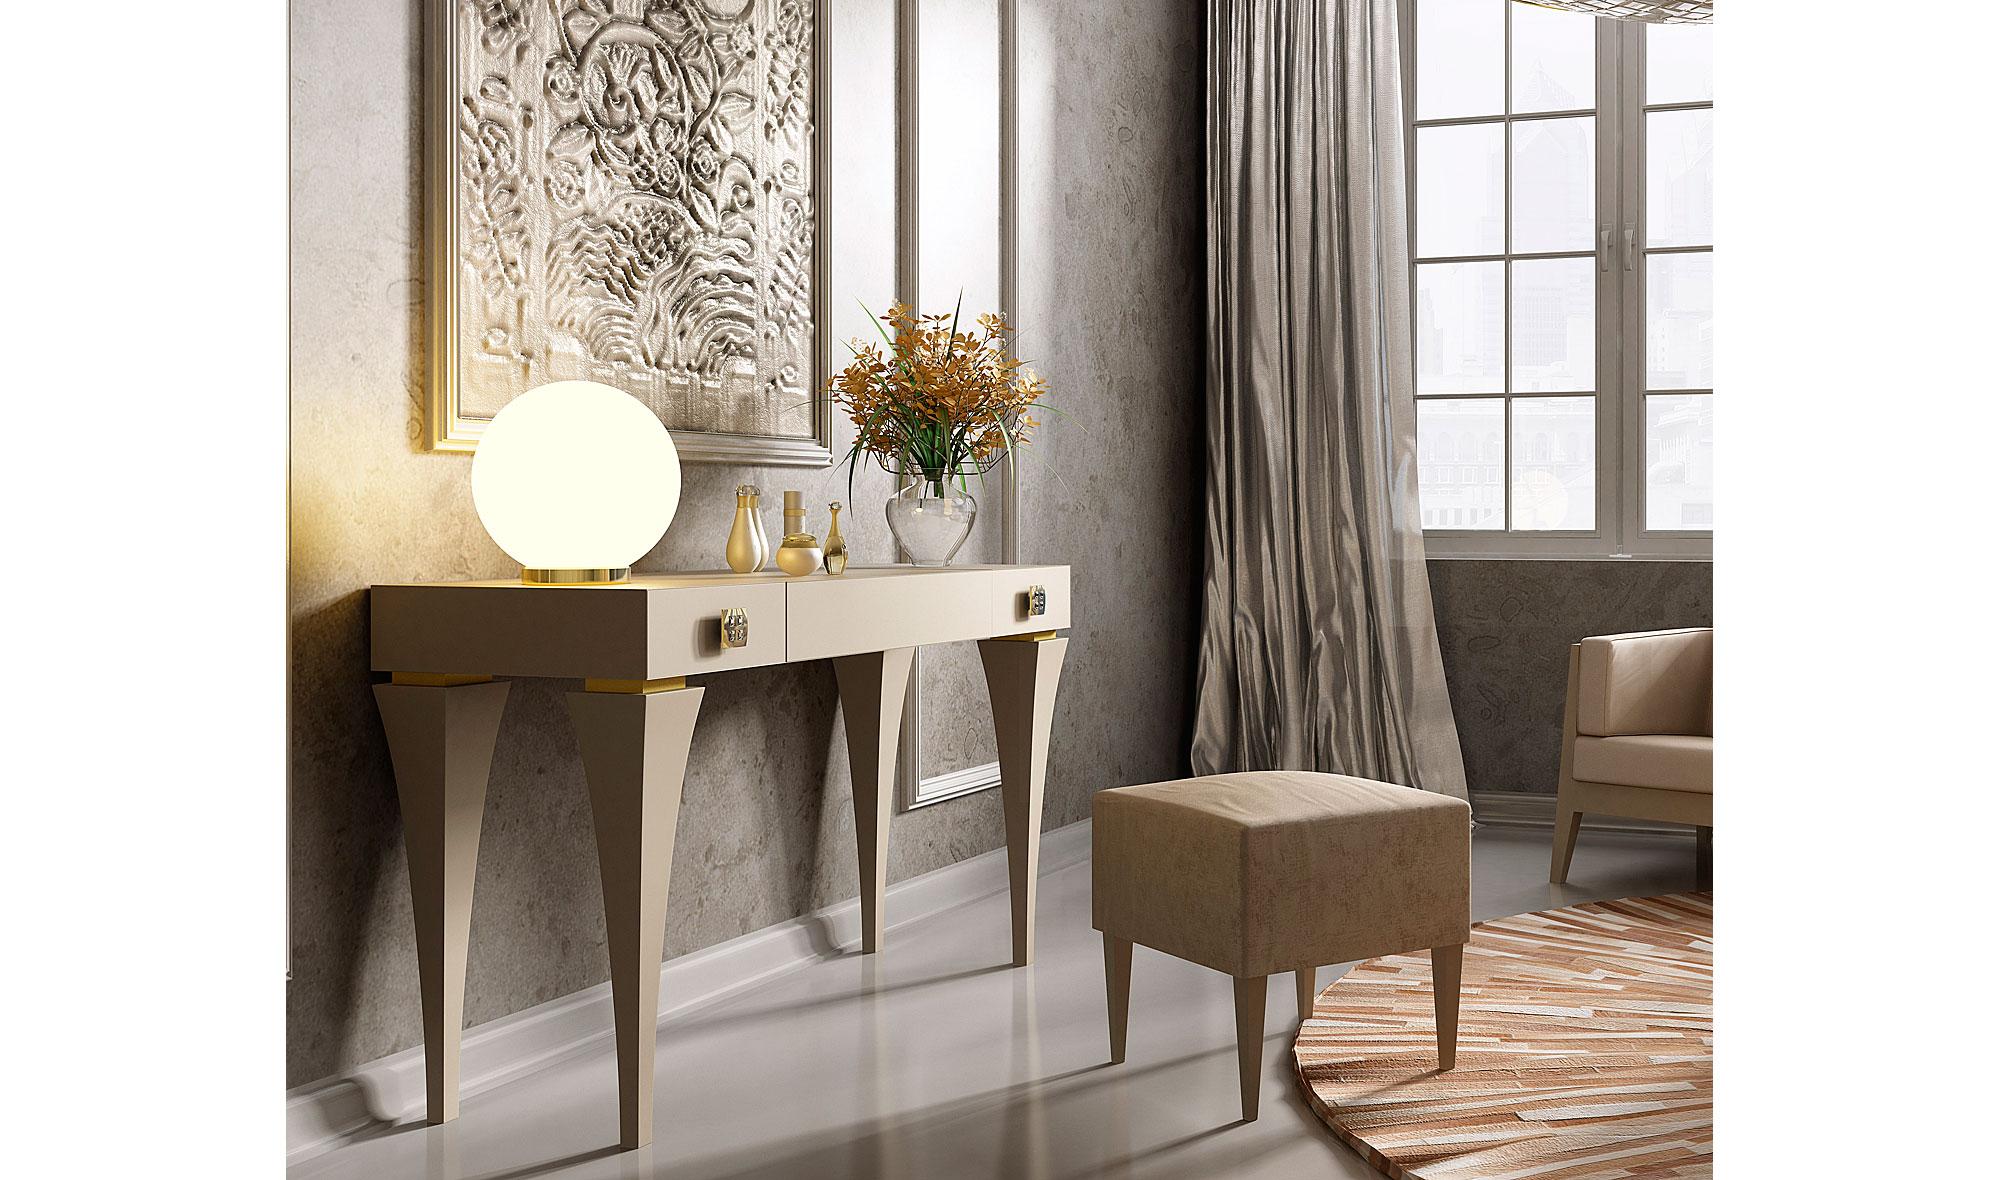 Tocador moderno bella special no disponible en - Mueble tocador moderno ...